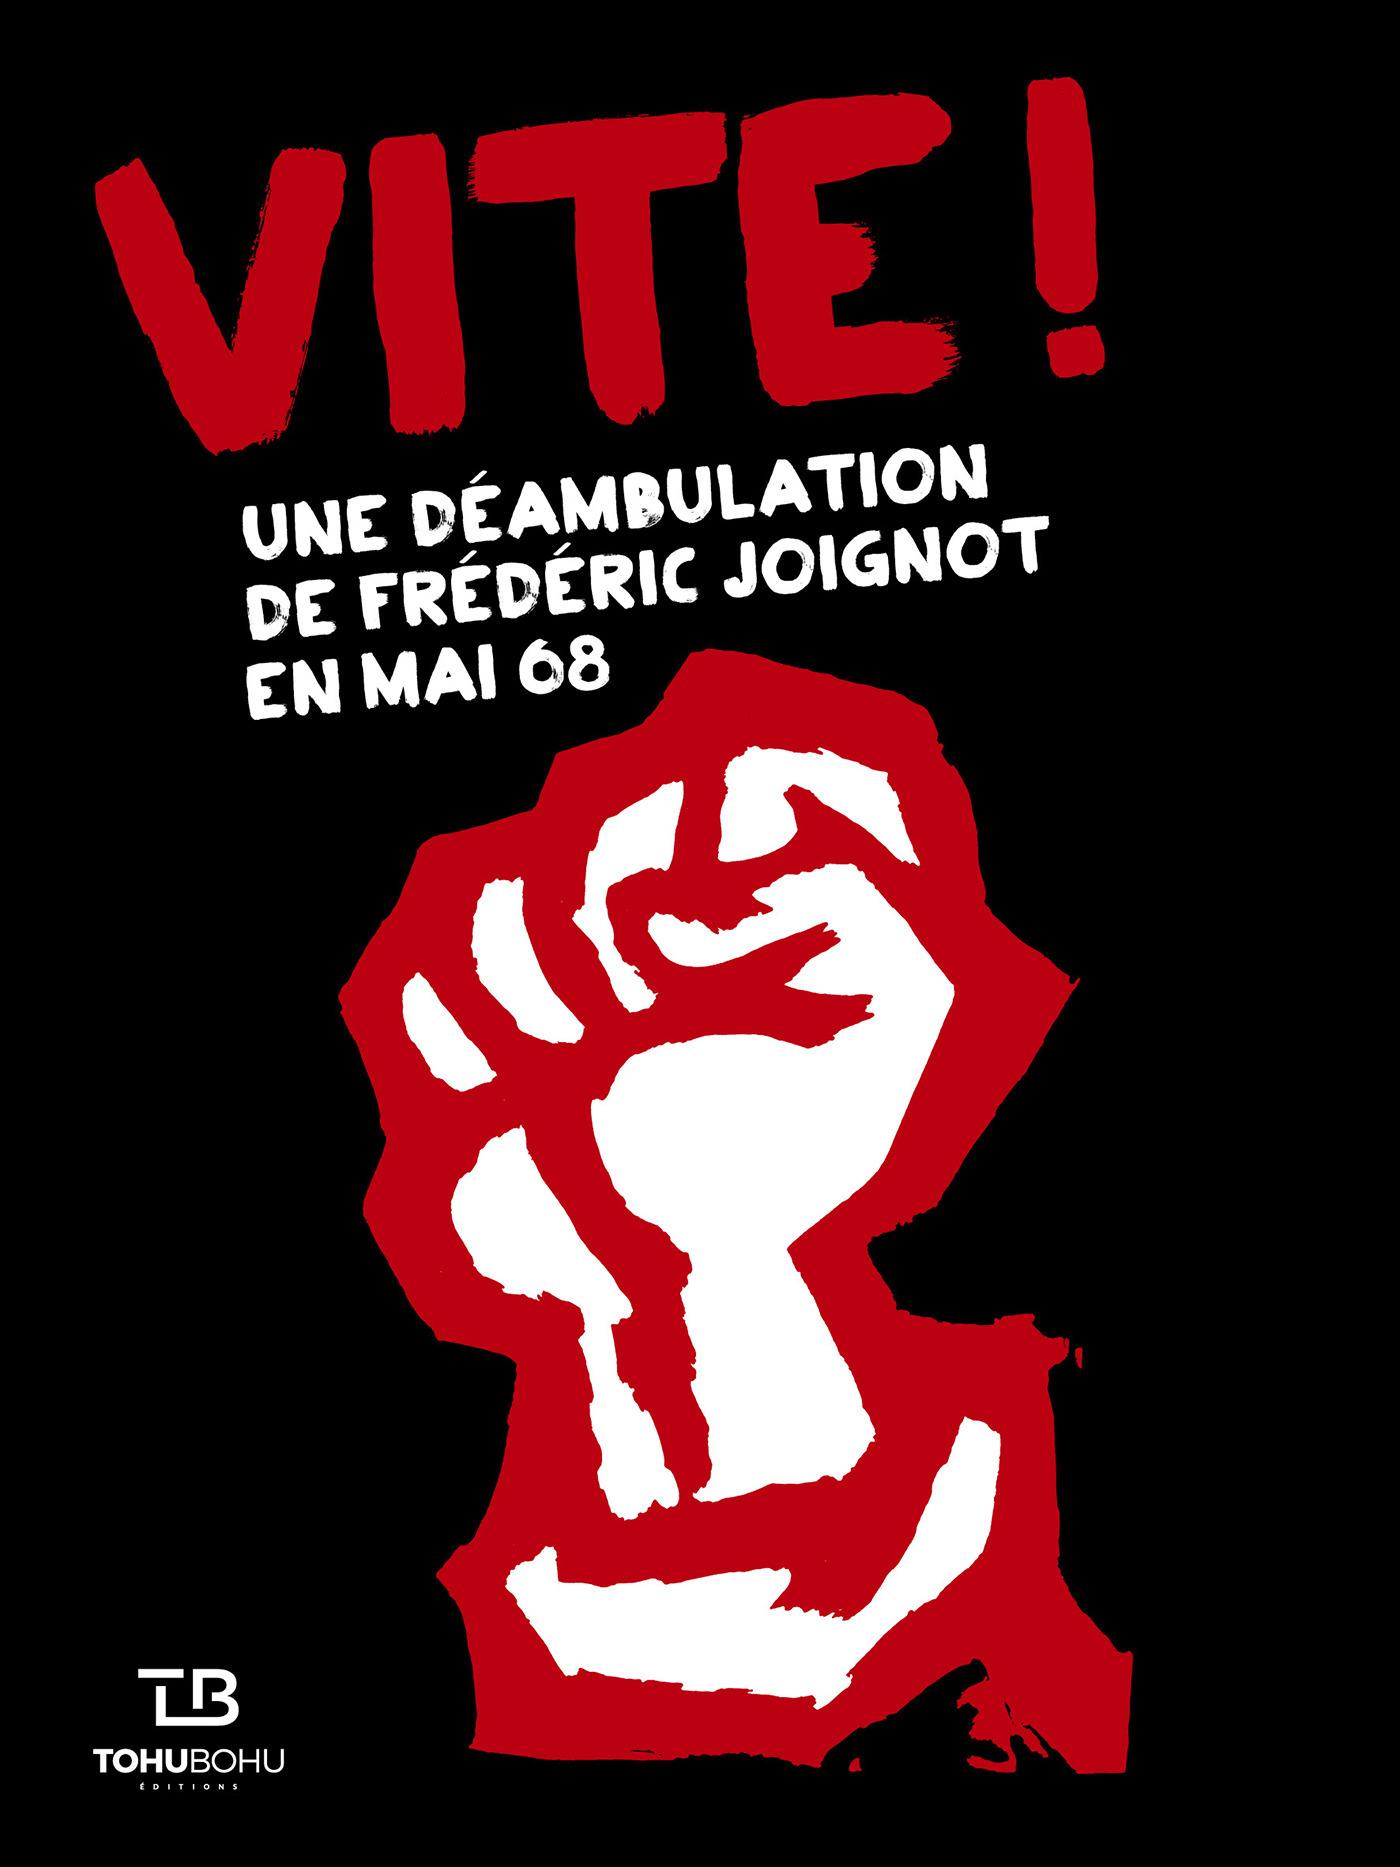 Vite ! une déambulation de Frédéric Joignot en mai 68